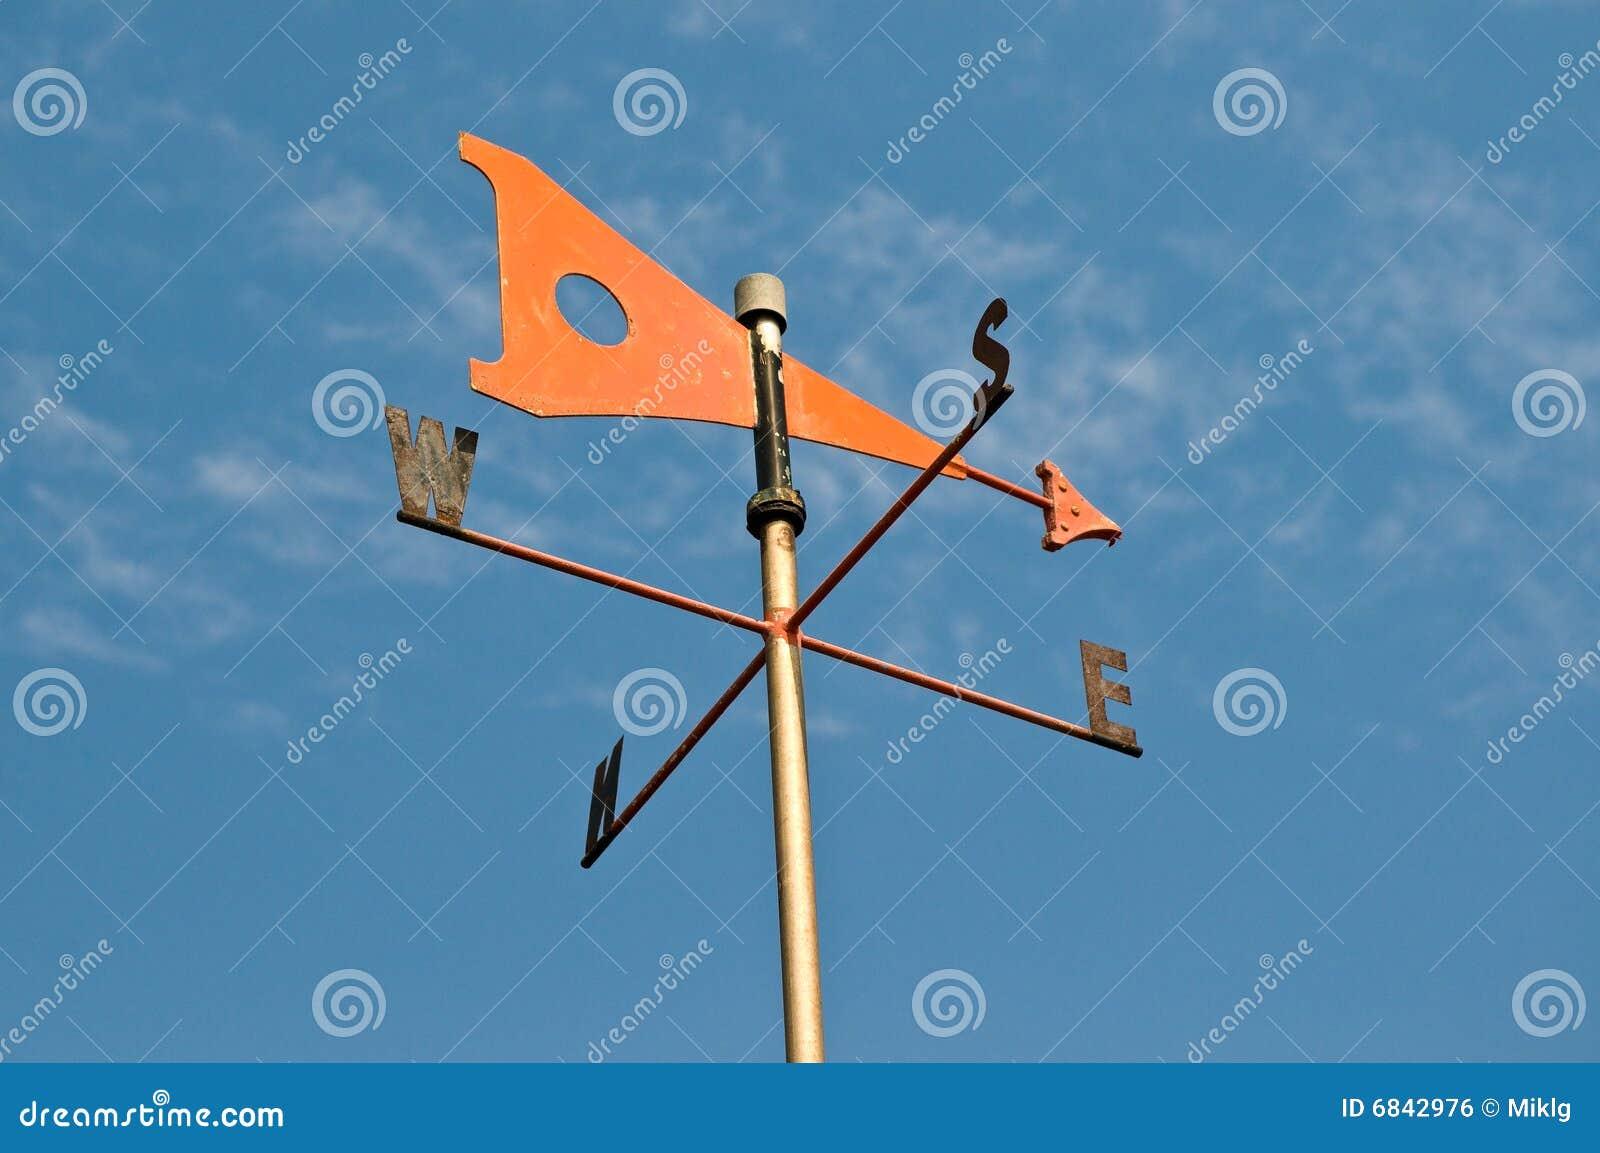 橙色翻板风